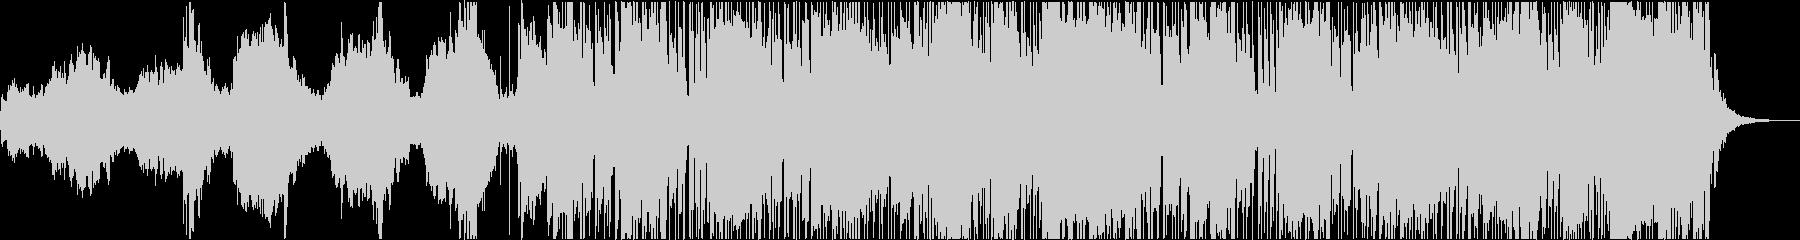 【展開2パターン】悲しくも温かい曲の未再生の波形